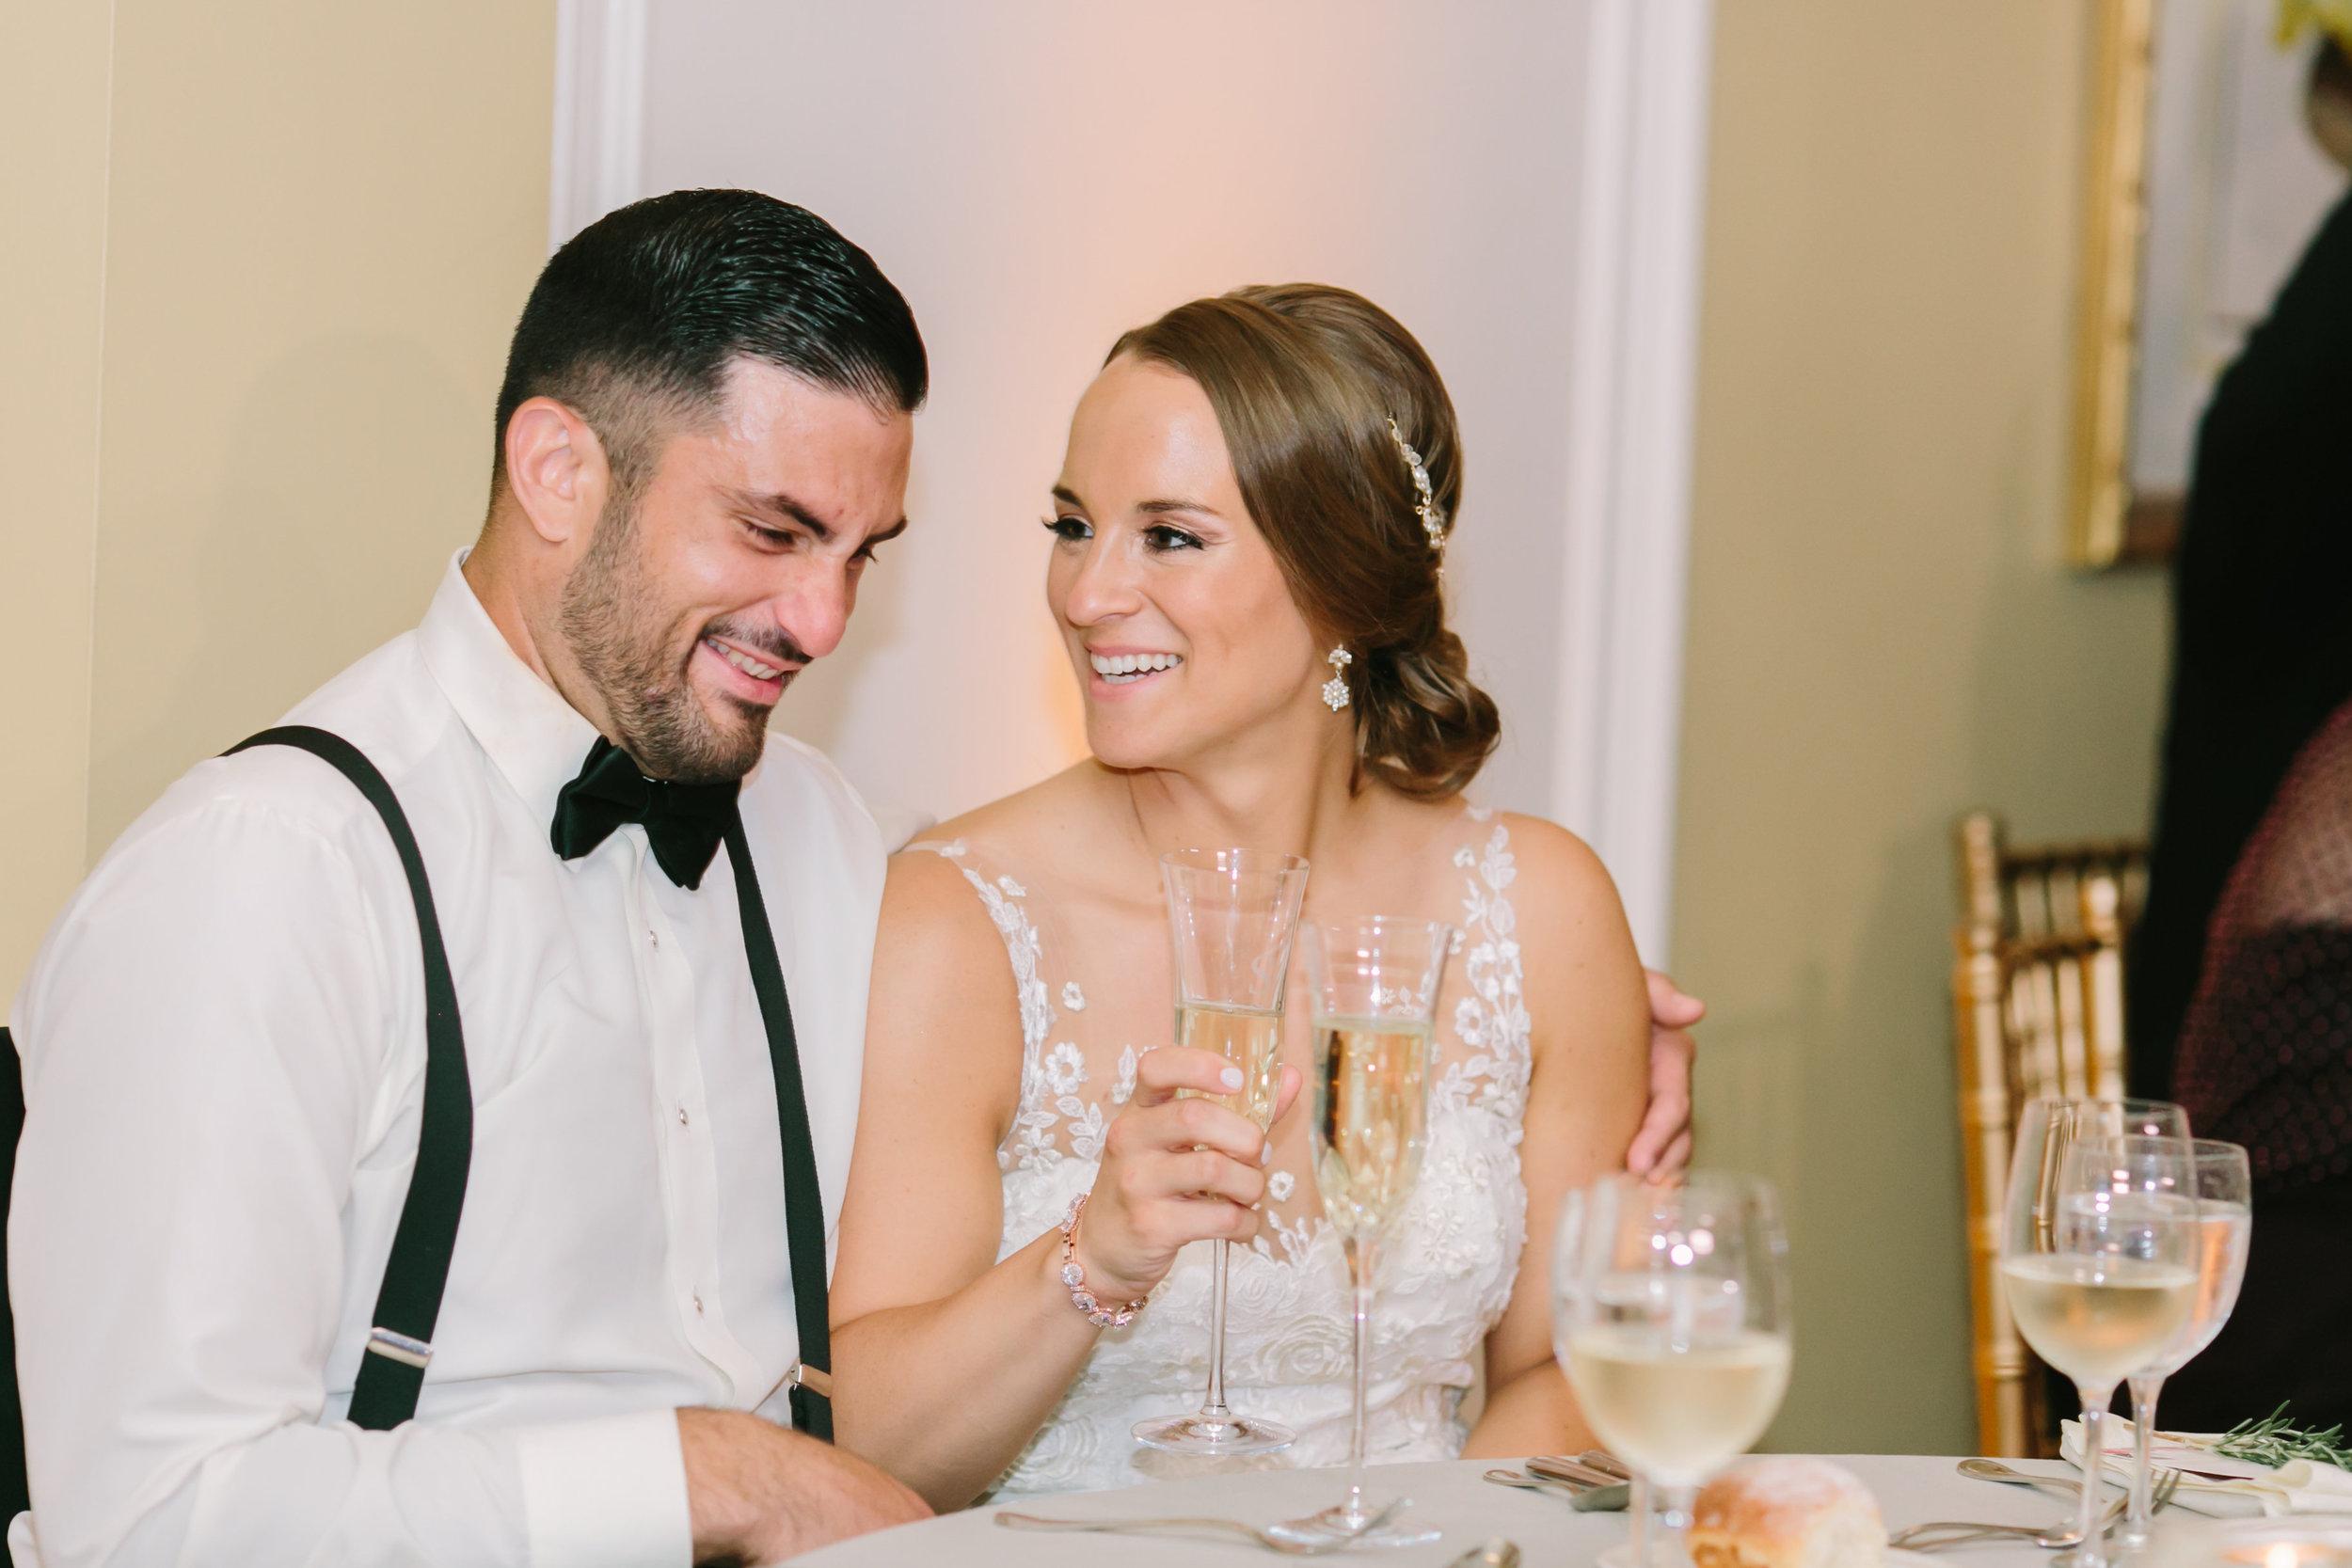 Love&LightPhotographs_Jennifer&Mark_Wedding_Preview-33.jpg